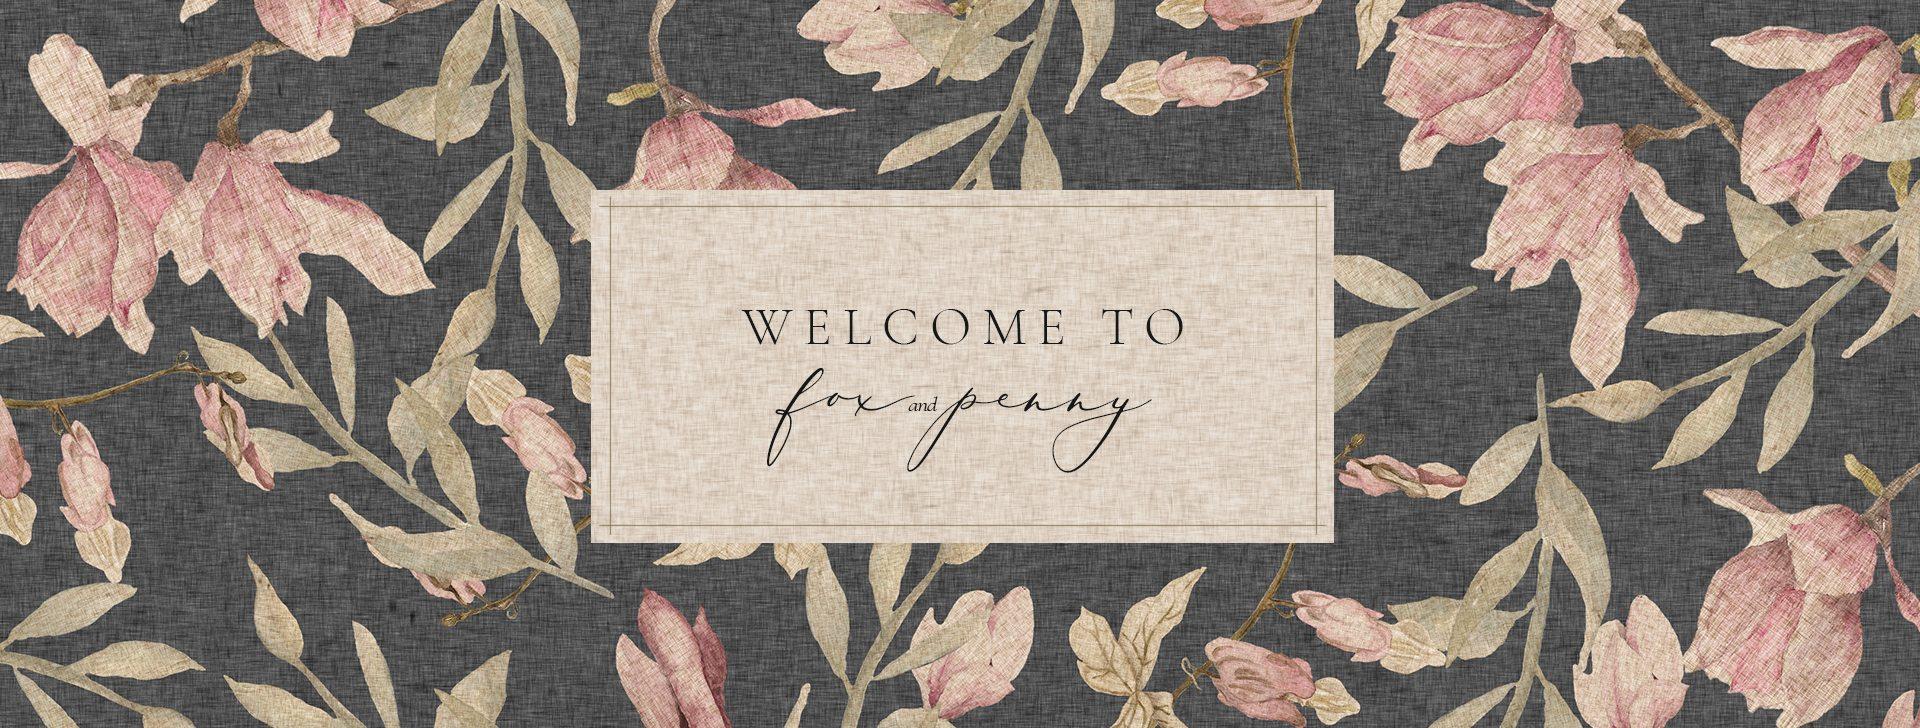 hp_magnolias_03252018_2